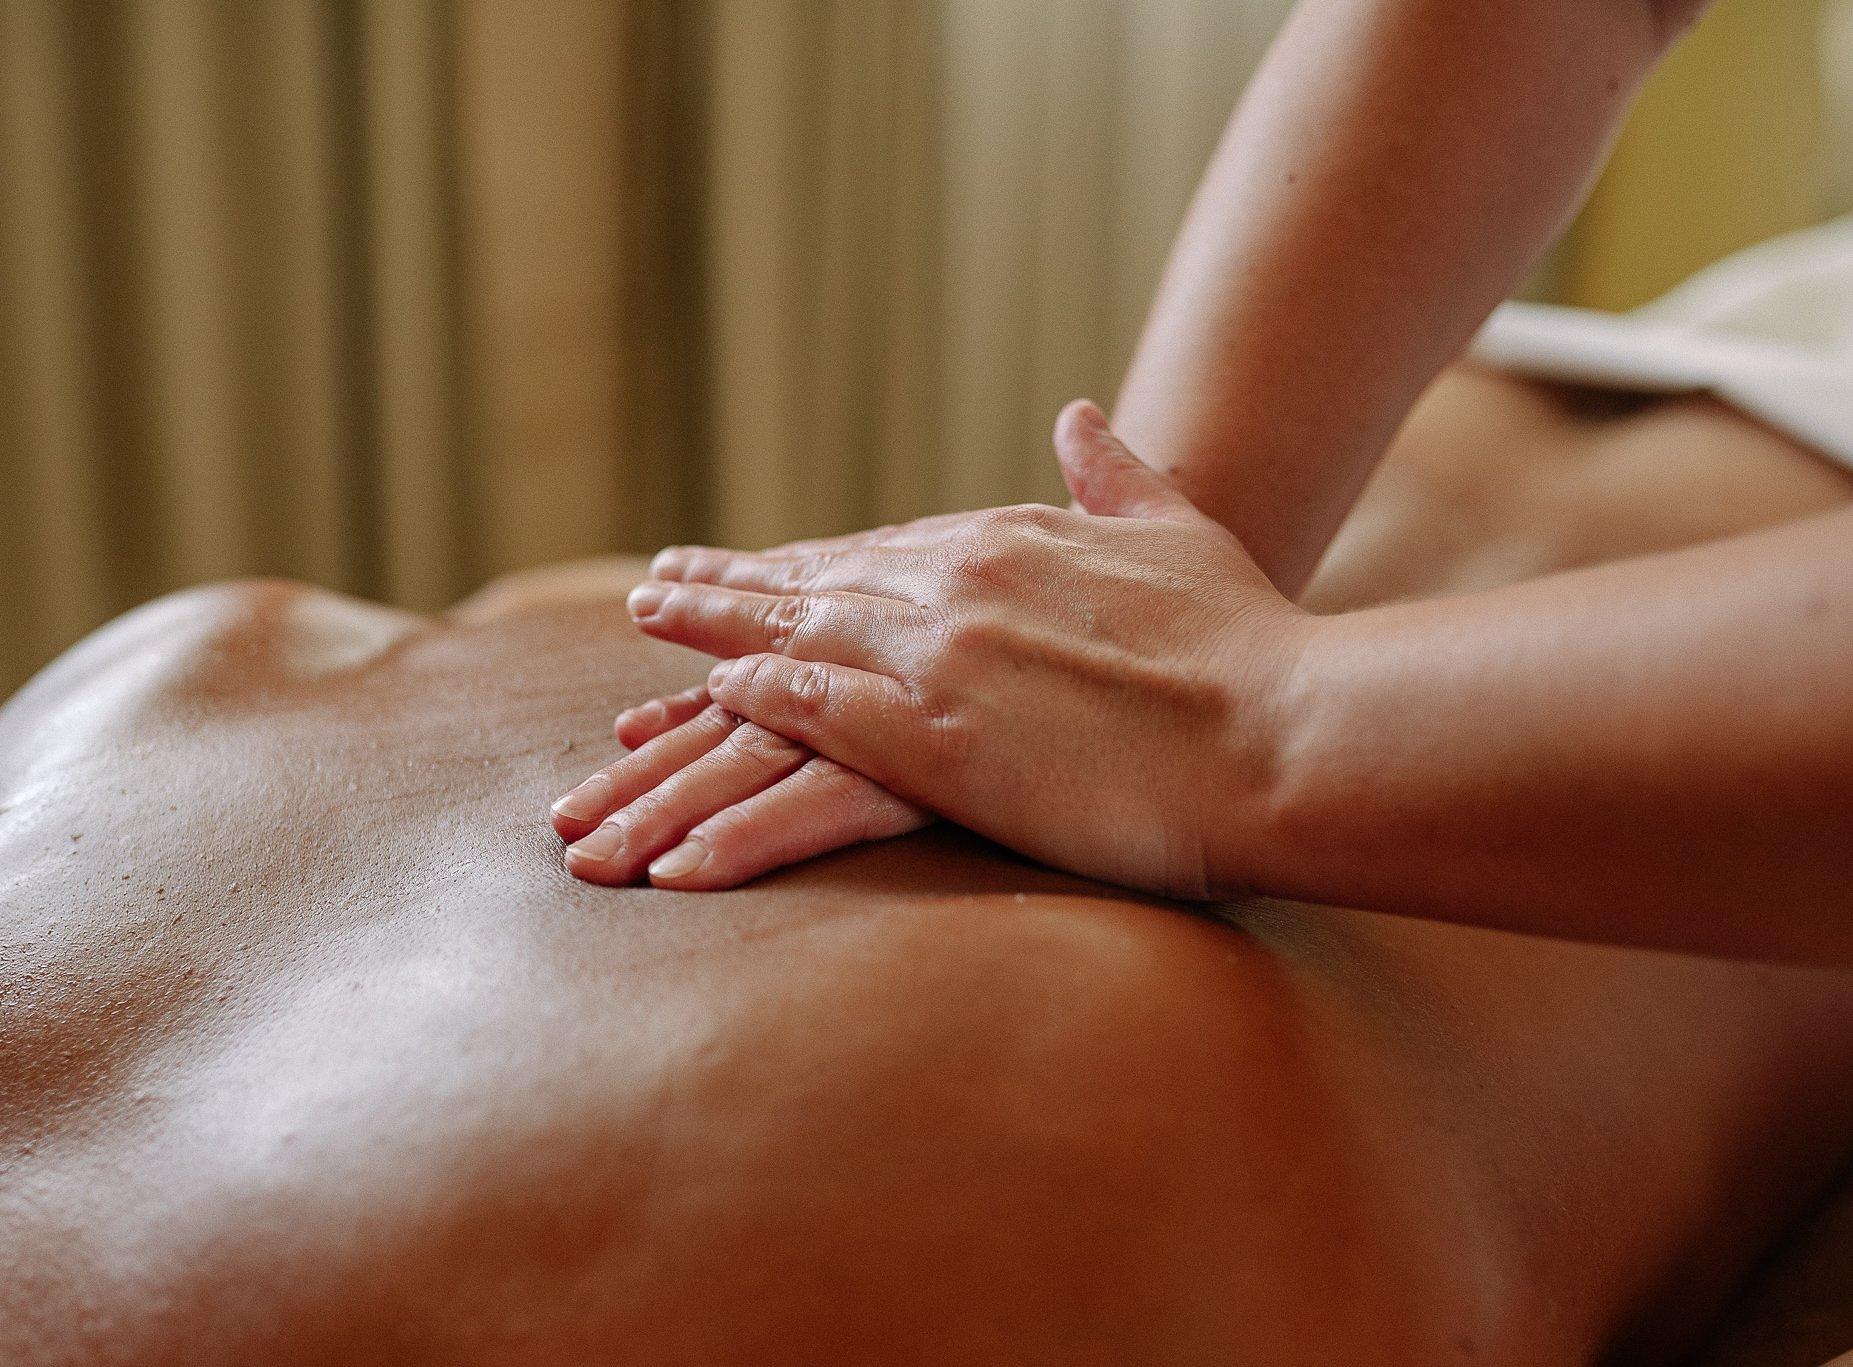 Сделал масаж и трахнул, Порно Массаж -видео. Смотреть порно онлайн! 16 фотография